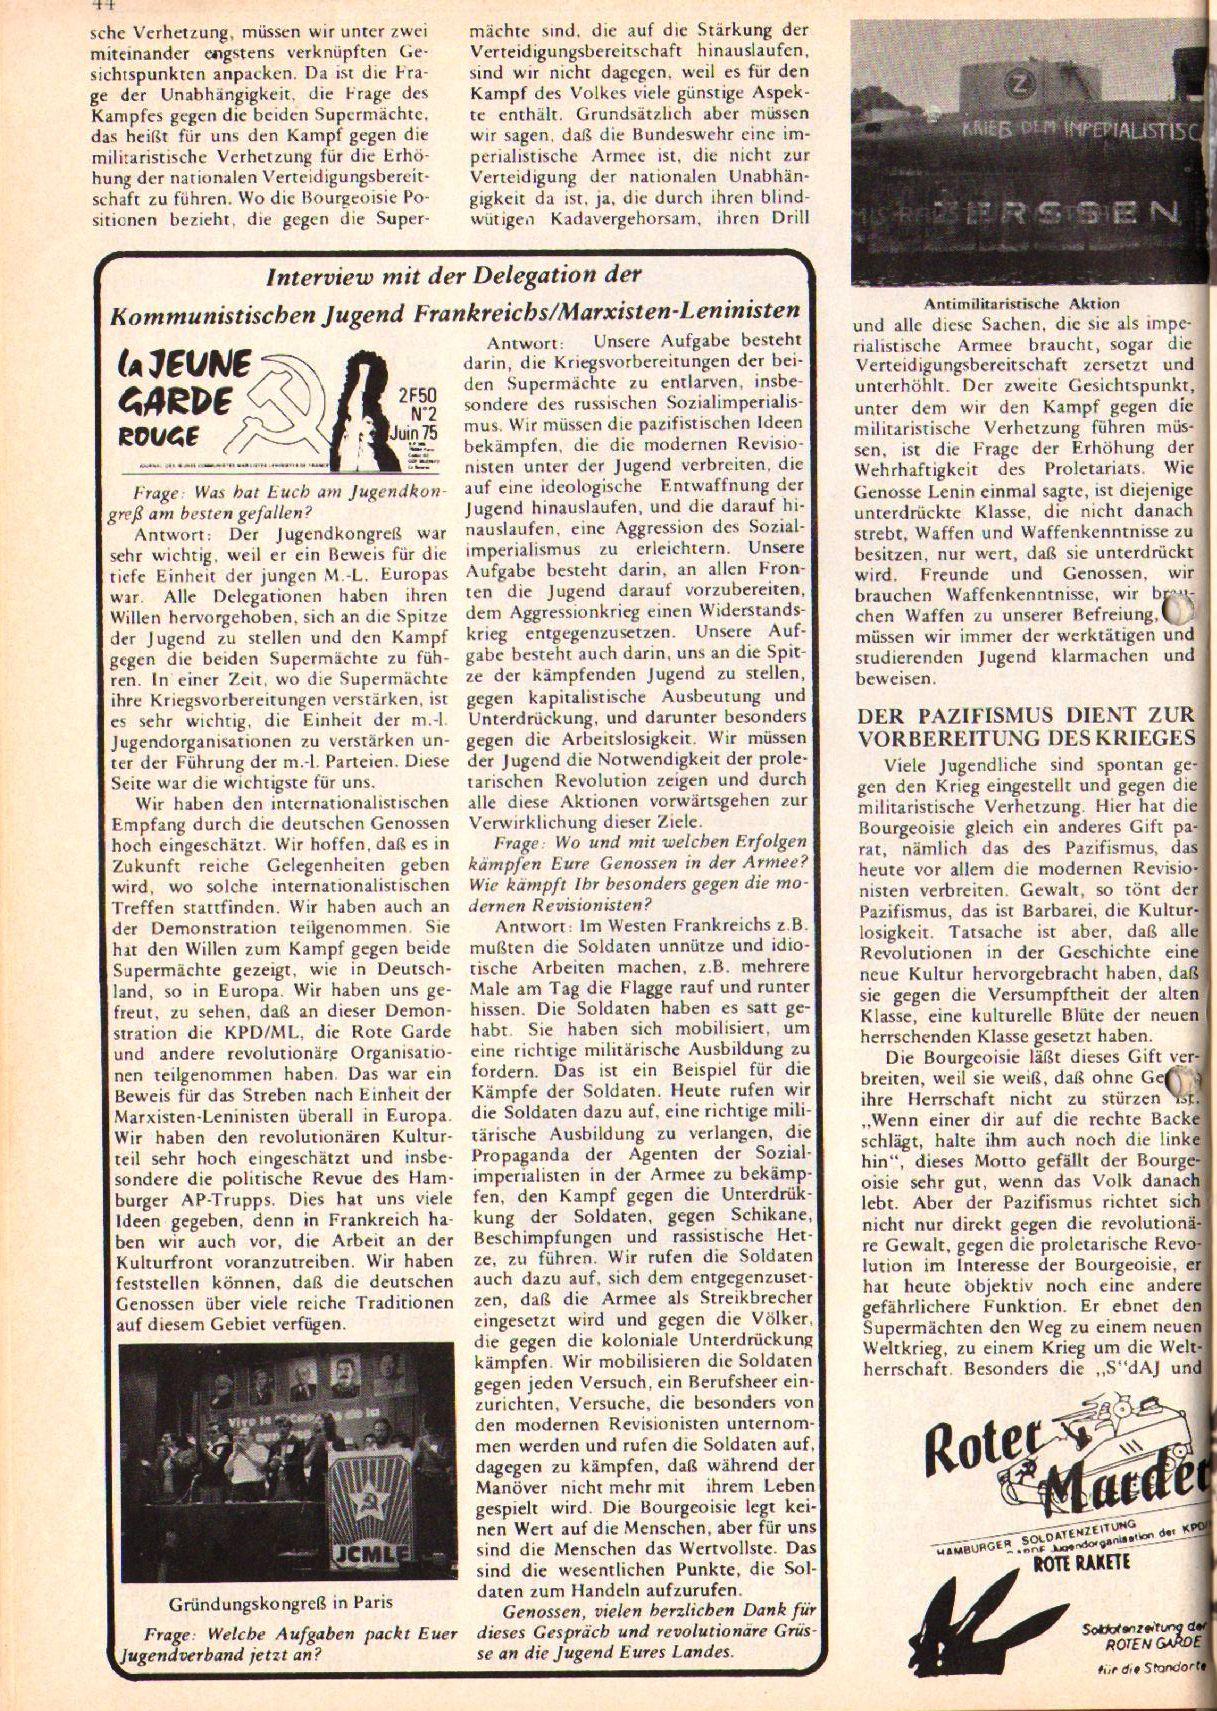 RGZ_1975_06_Sondernummer_42